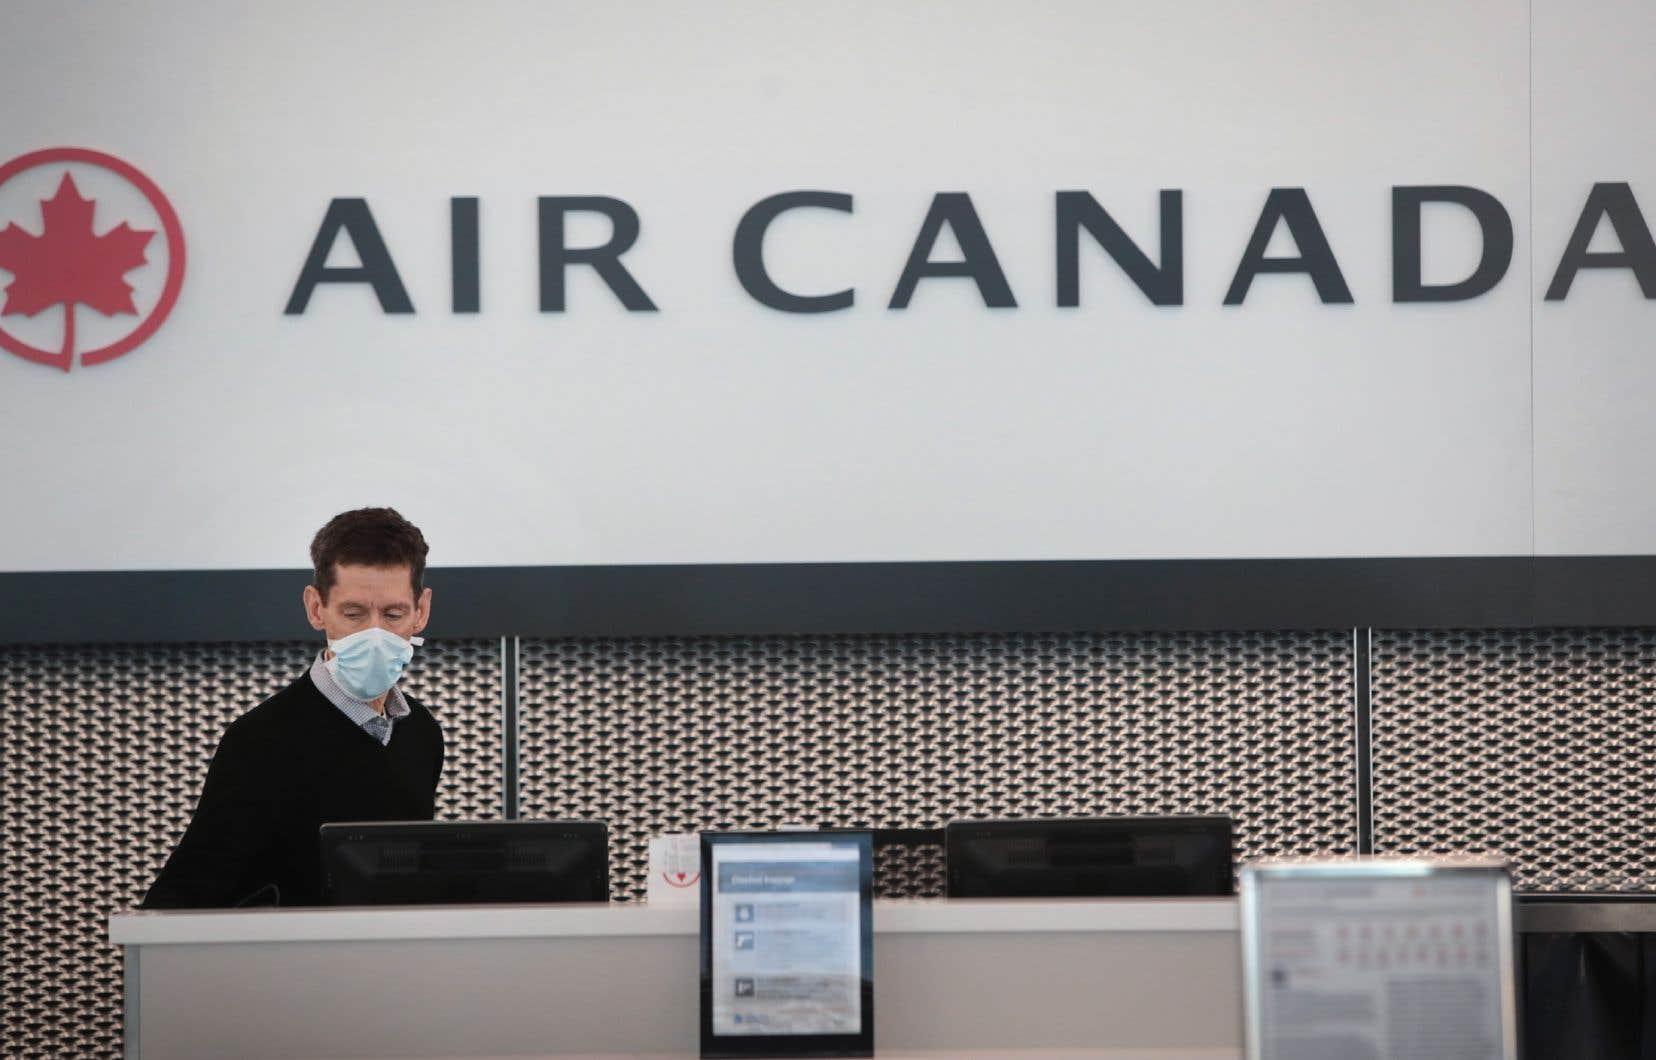 En excluant notamment l'effet des taux de change, Air Canada a affiché une perte nette ajustée de 392millions, ou de 1,49$ l'action, après trois mois en 2020, contre un bénéfice net ajusté de 17millions, ou de 6 cents l'action un an plus tôt.